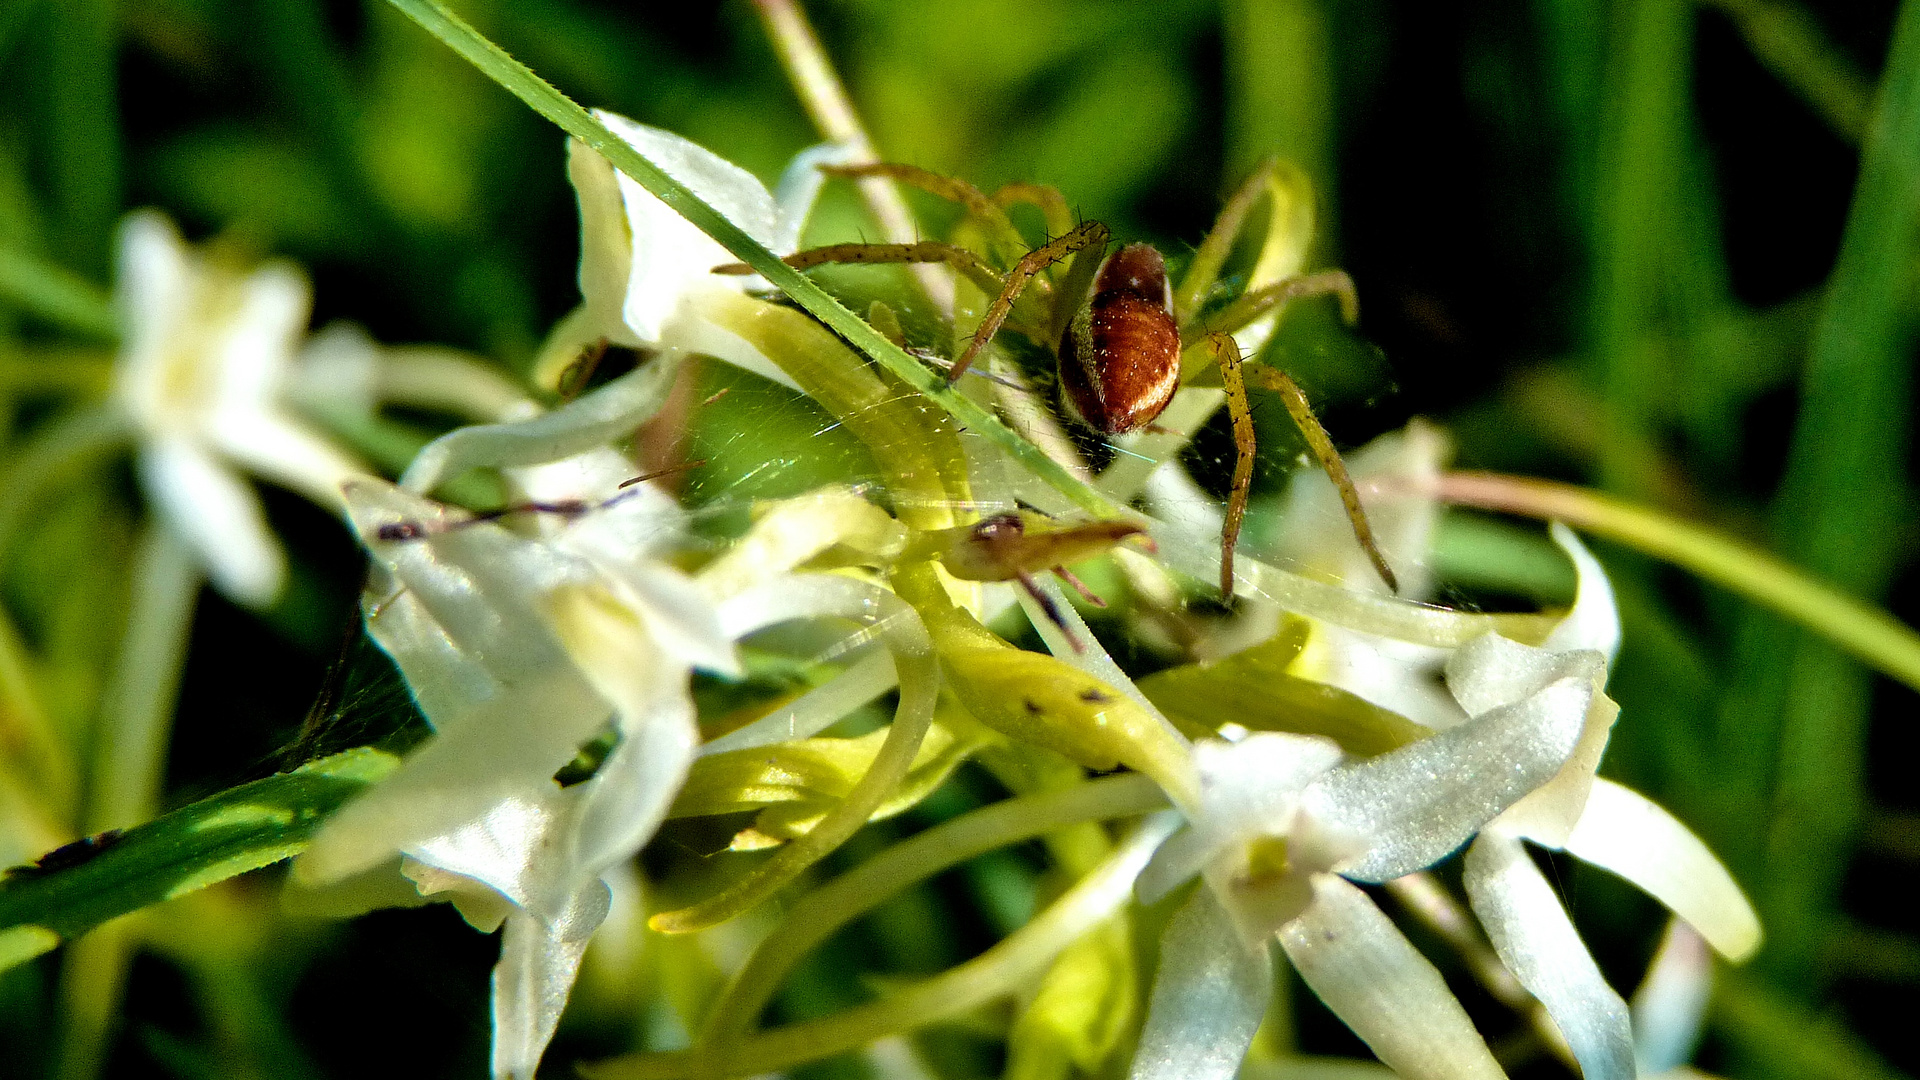 Dolomedes fimbriatus (Gerandete Jagdspinne) auf Plantanthera chlorantha (Grünliche Waldhyazinthe)